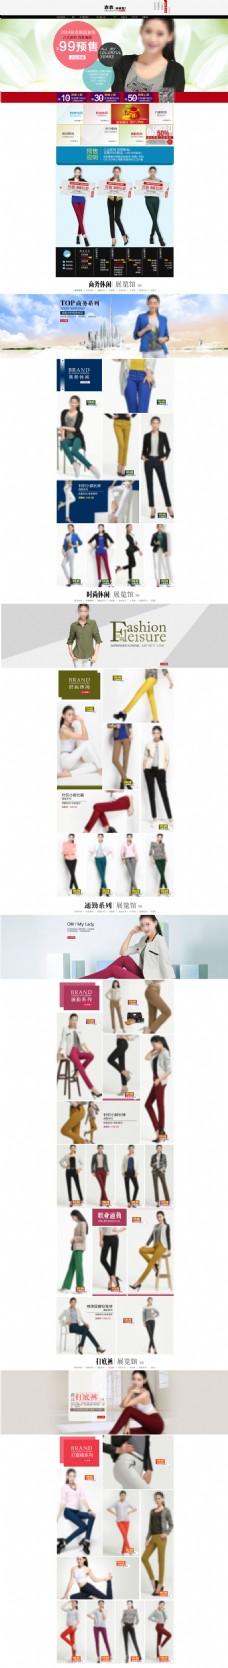 淘寶春季潮流女裝店鋪首頁促銷海報